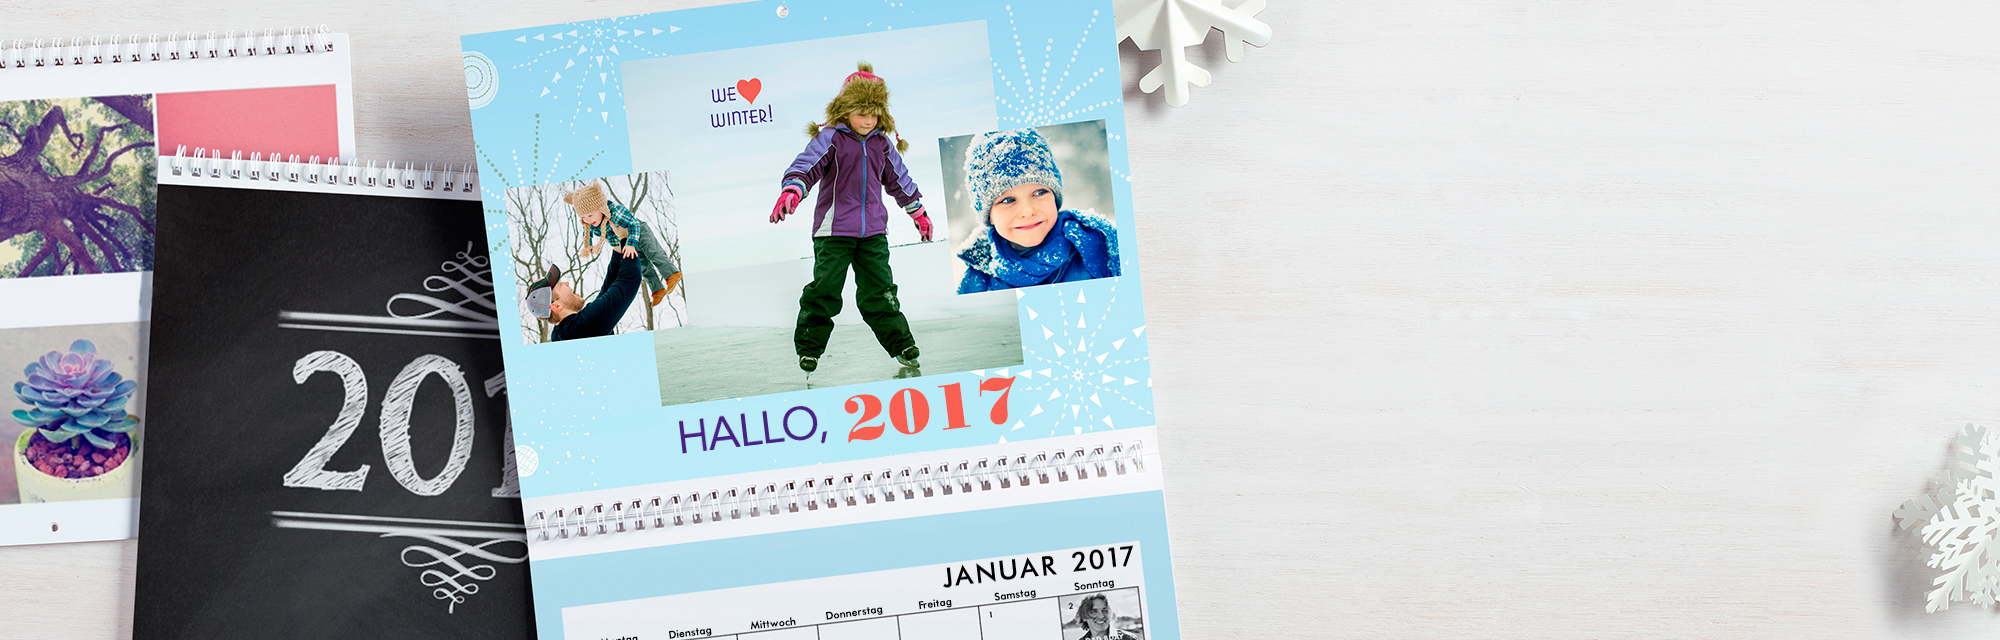 Fotokalender  :  Individuelle Fotokalender, die einen Monat für Monat mit den schönsten Fotos und Erinnerungen durchs Jahr begleiten!